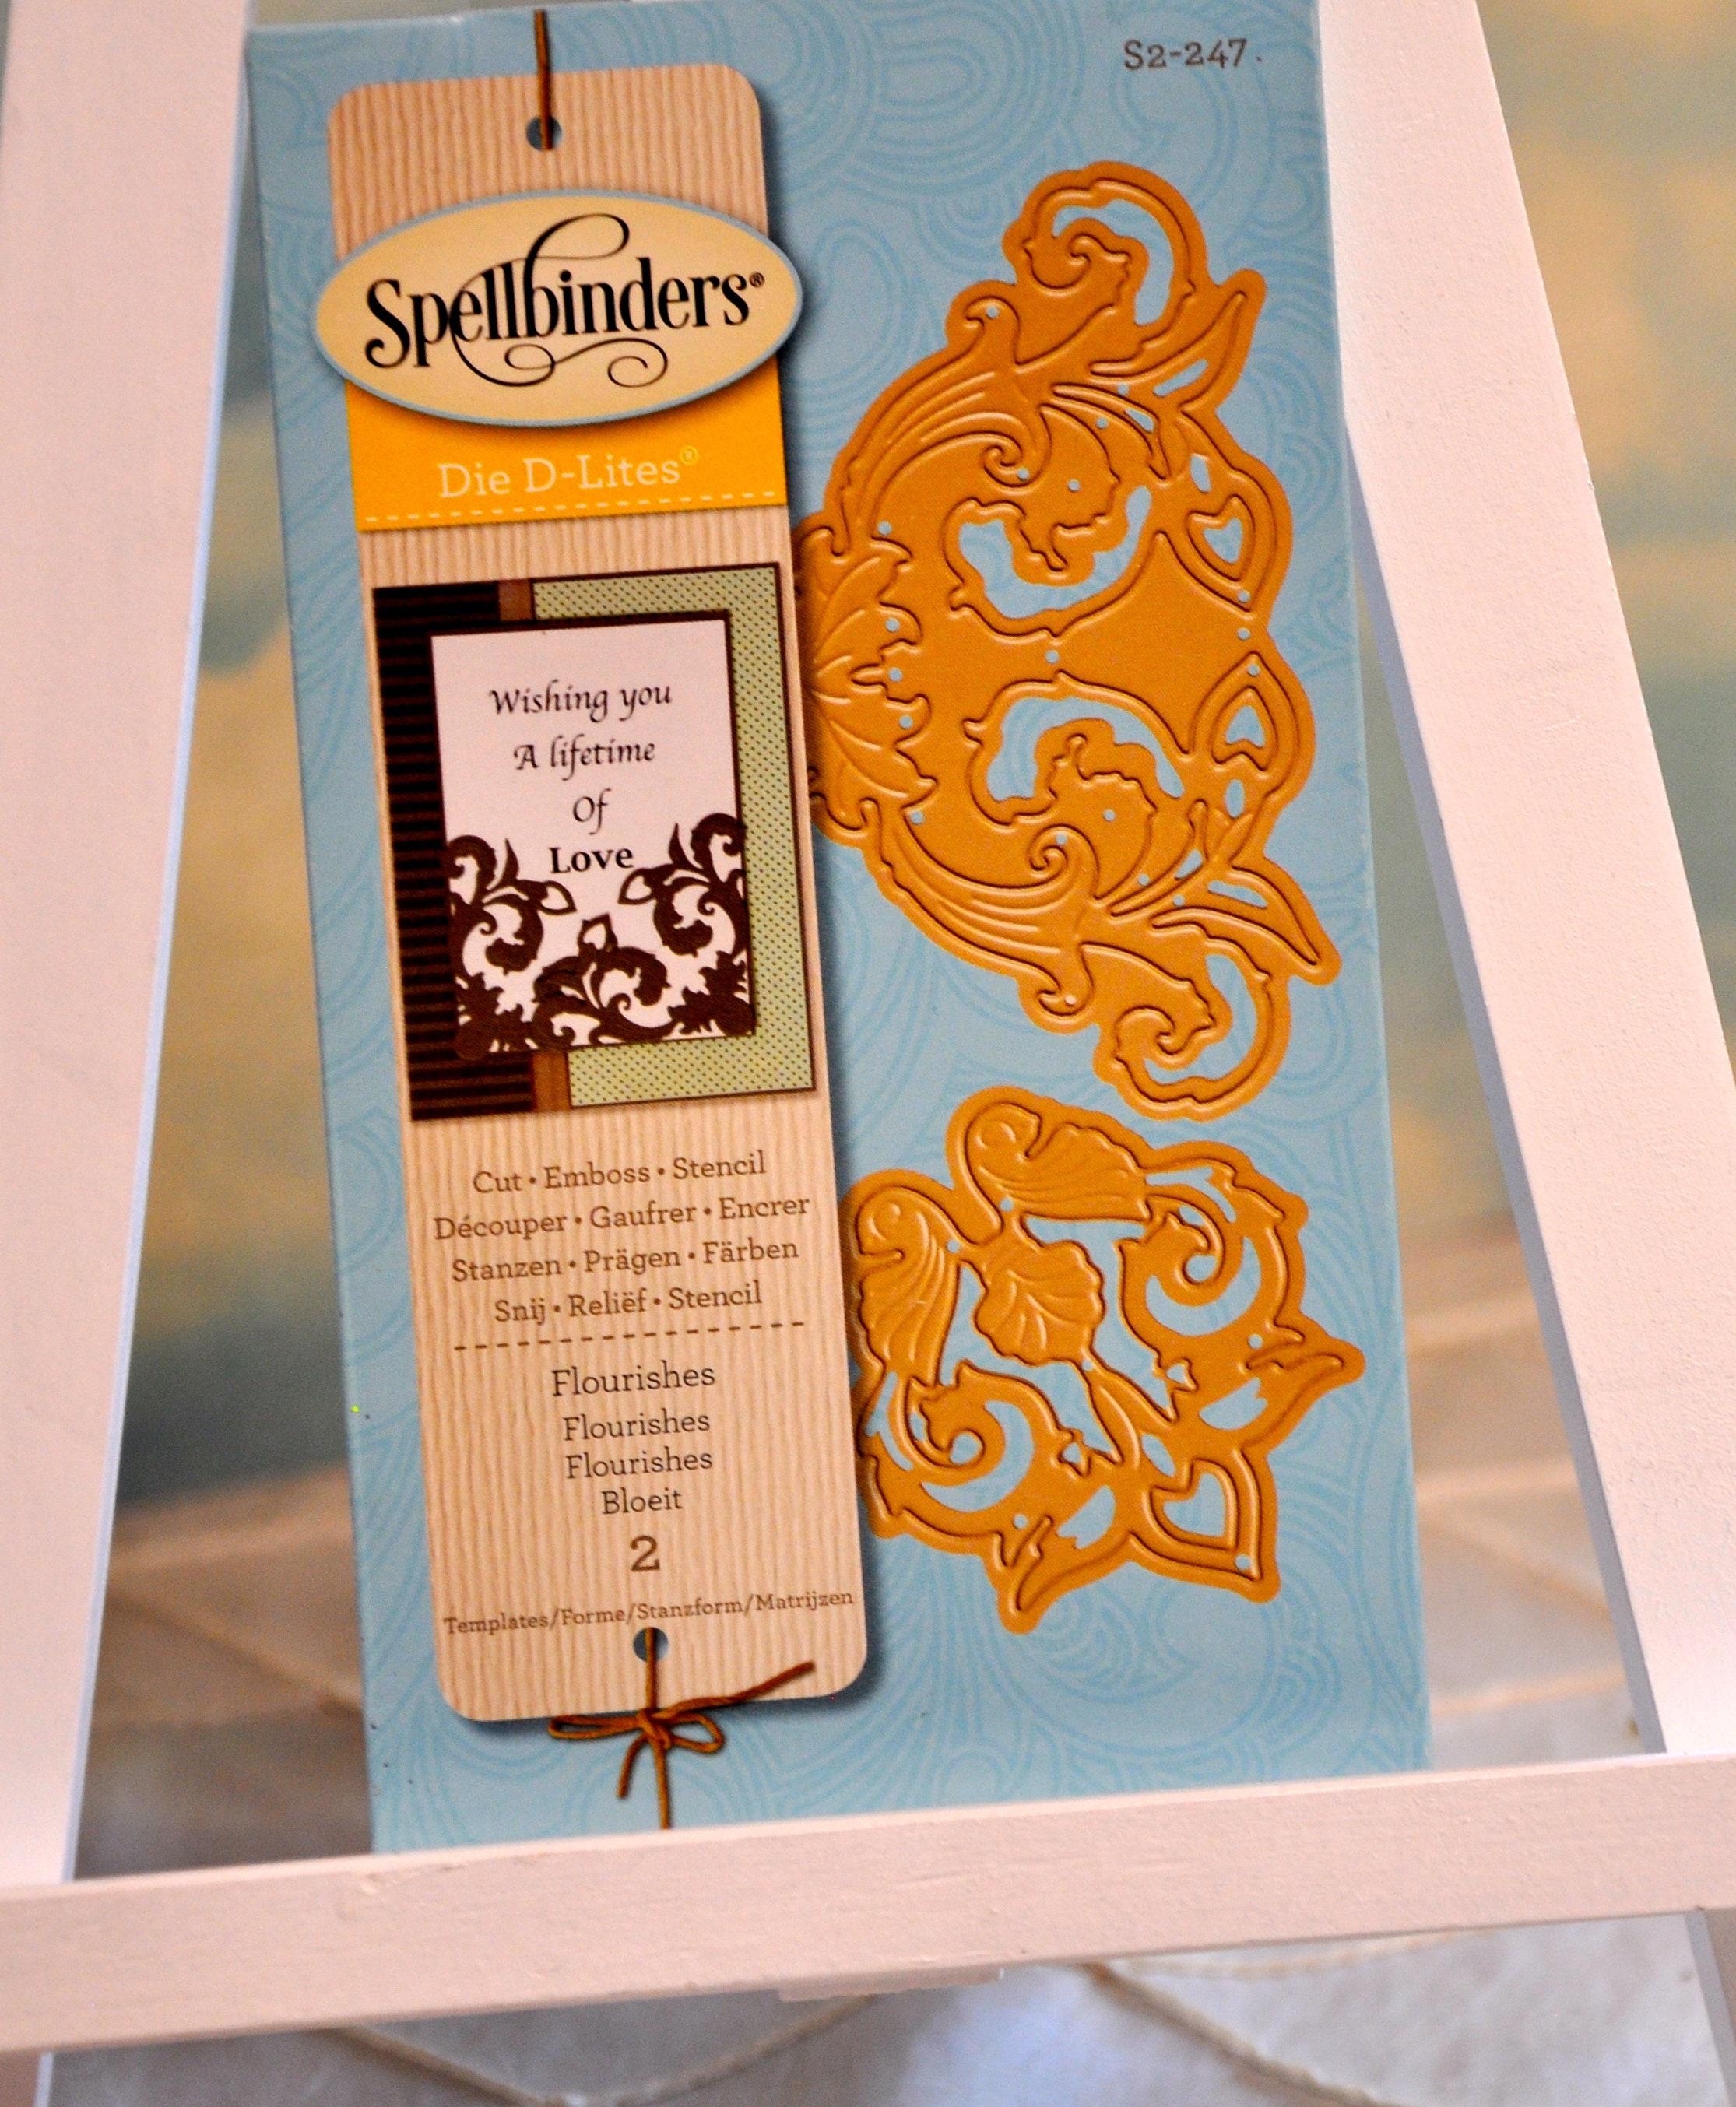 Spellbinders Die D-Lite S2-247 Flourish and Corner Flourish Die Set- 2 Dies  New In Original Unopened Package-Discontinued Item, Rare